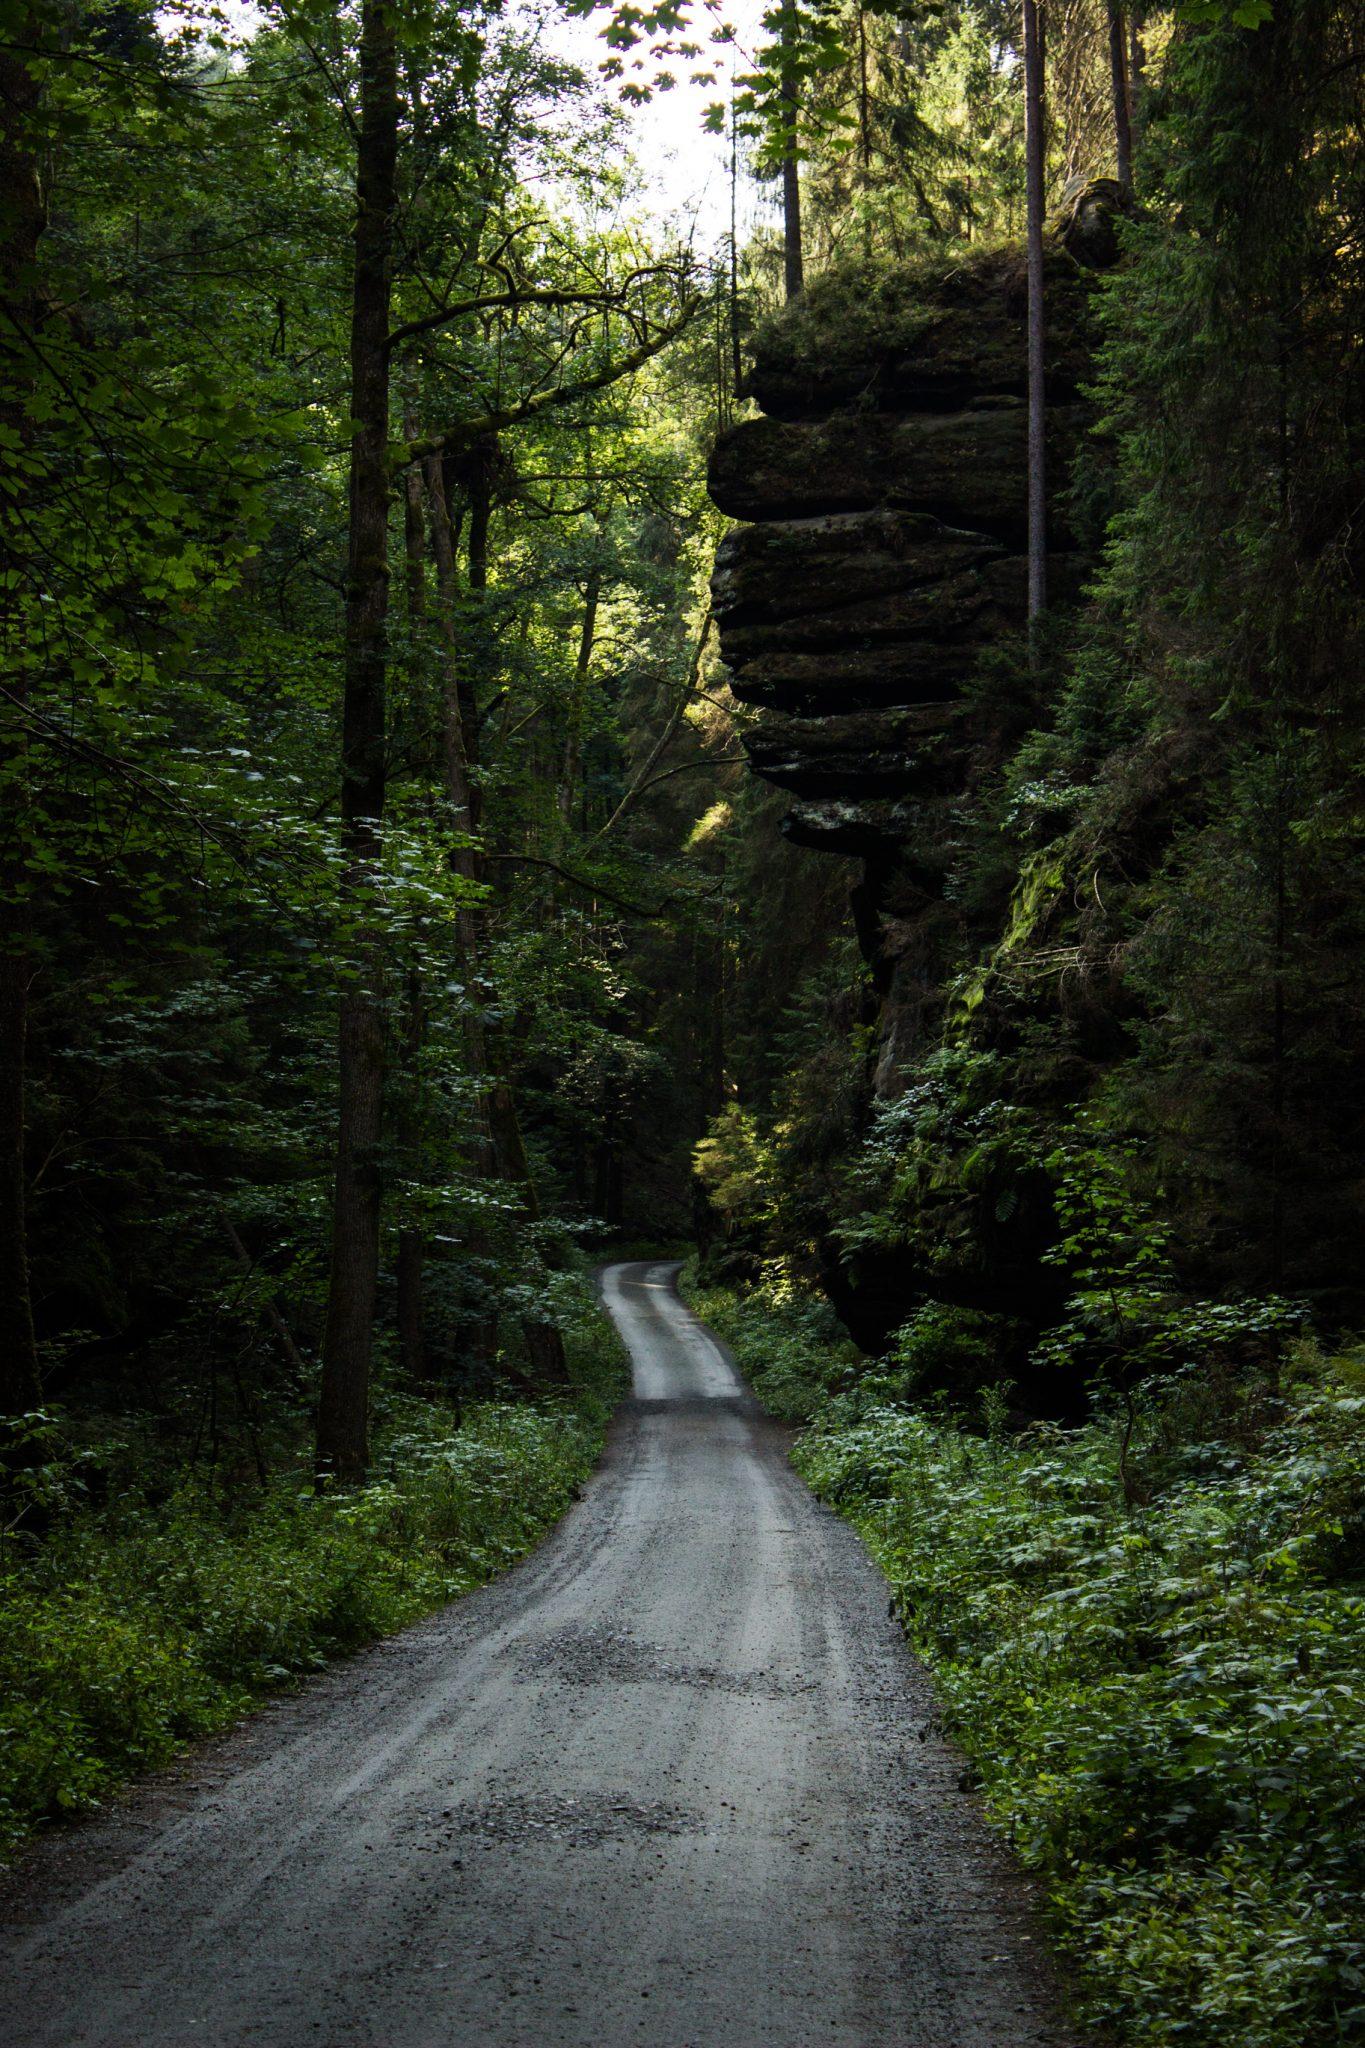 Zeughaus Roß- und Goldsteig Richterschlüchte im Kirnitzschtal wandern, Wanderweg im Wanderparadies Sächsische Schweiz mit vielen tollen Aussichten, riesiger Felsennationalpark, breiterer Wegabschnitt